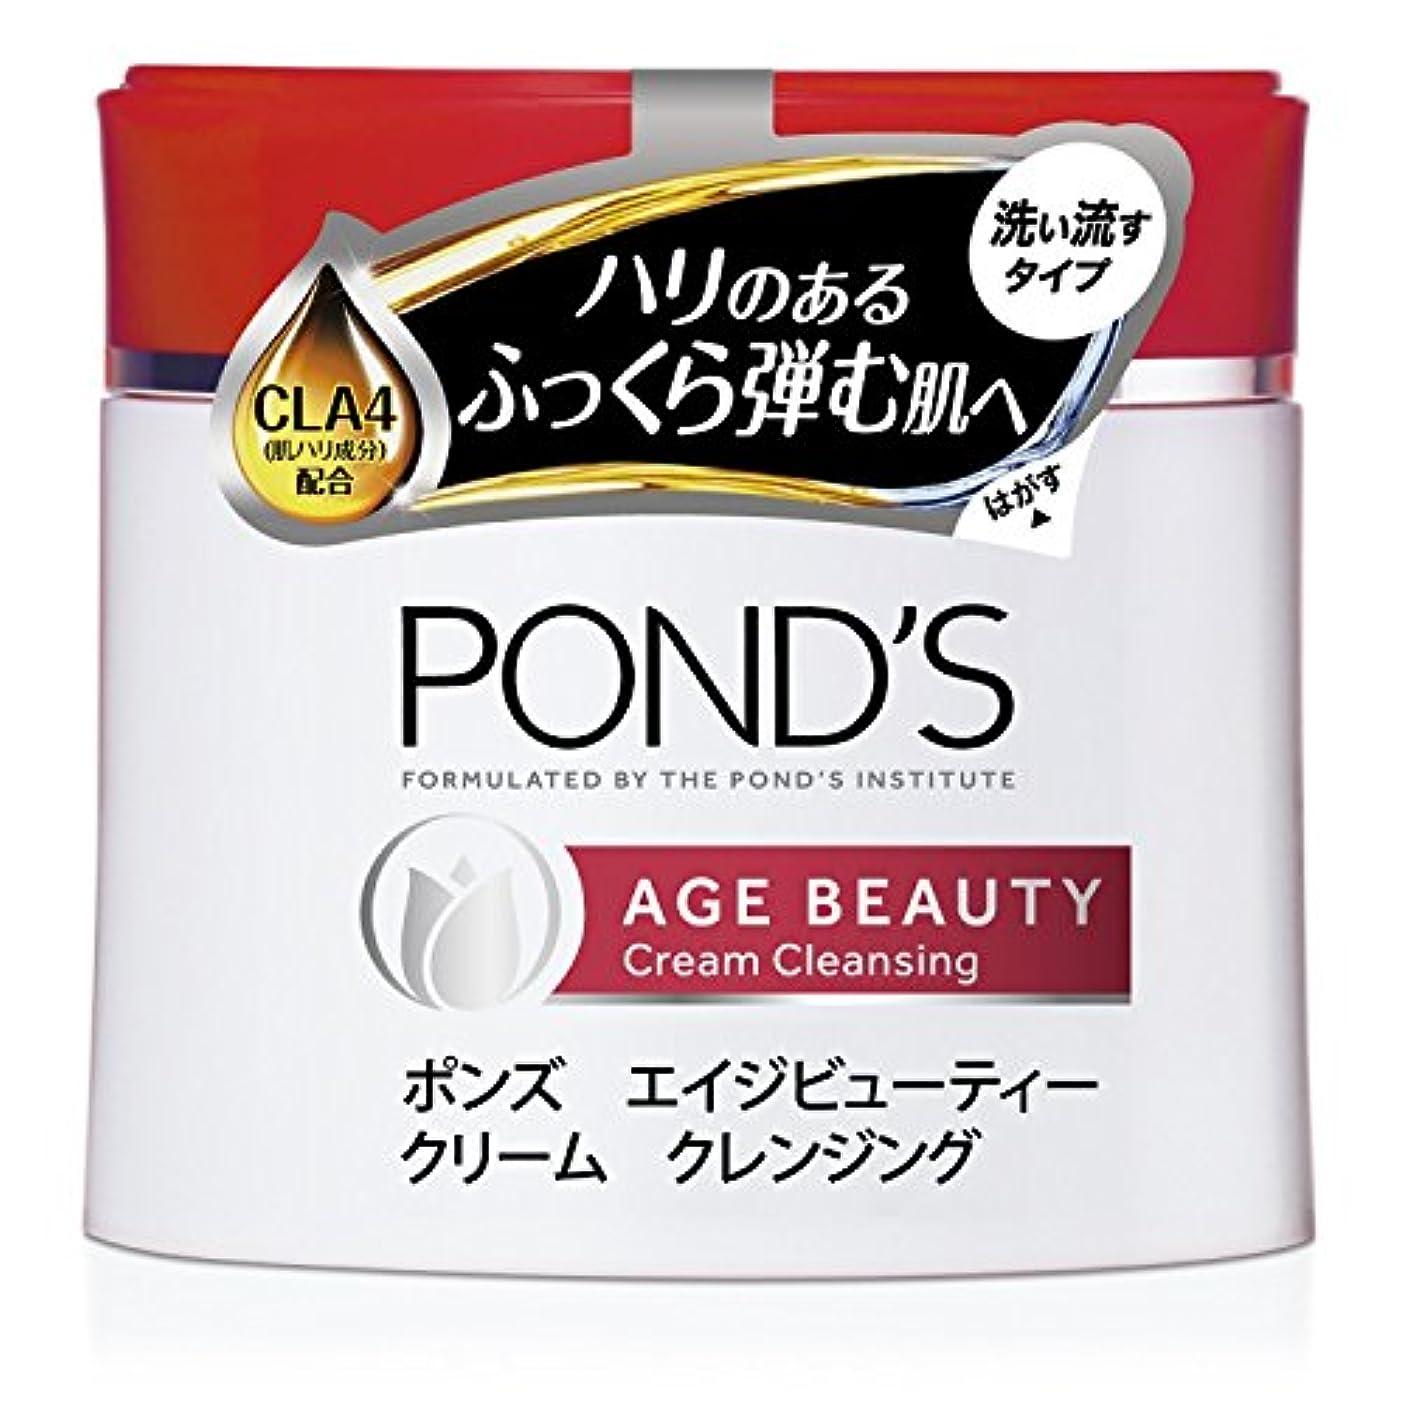 説得力のあるイースター購入ユニリーバ?ジャパン ポンズ エイジビューティー クリームクレンジング 270g×24点セット (4902111726892)